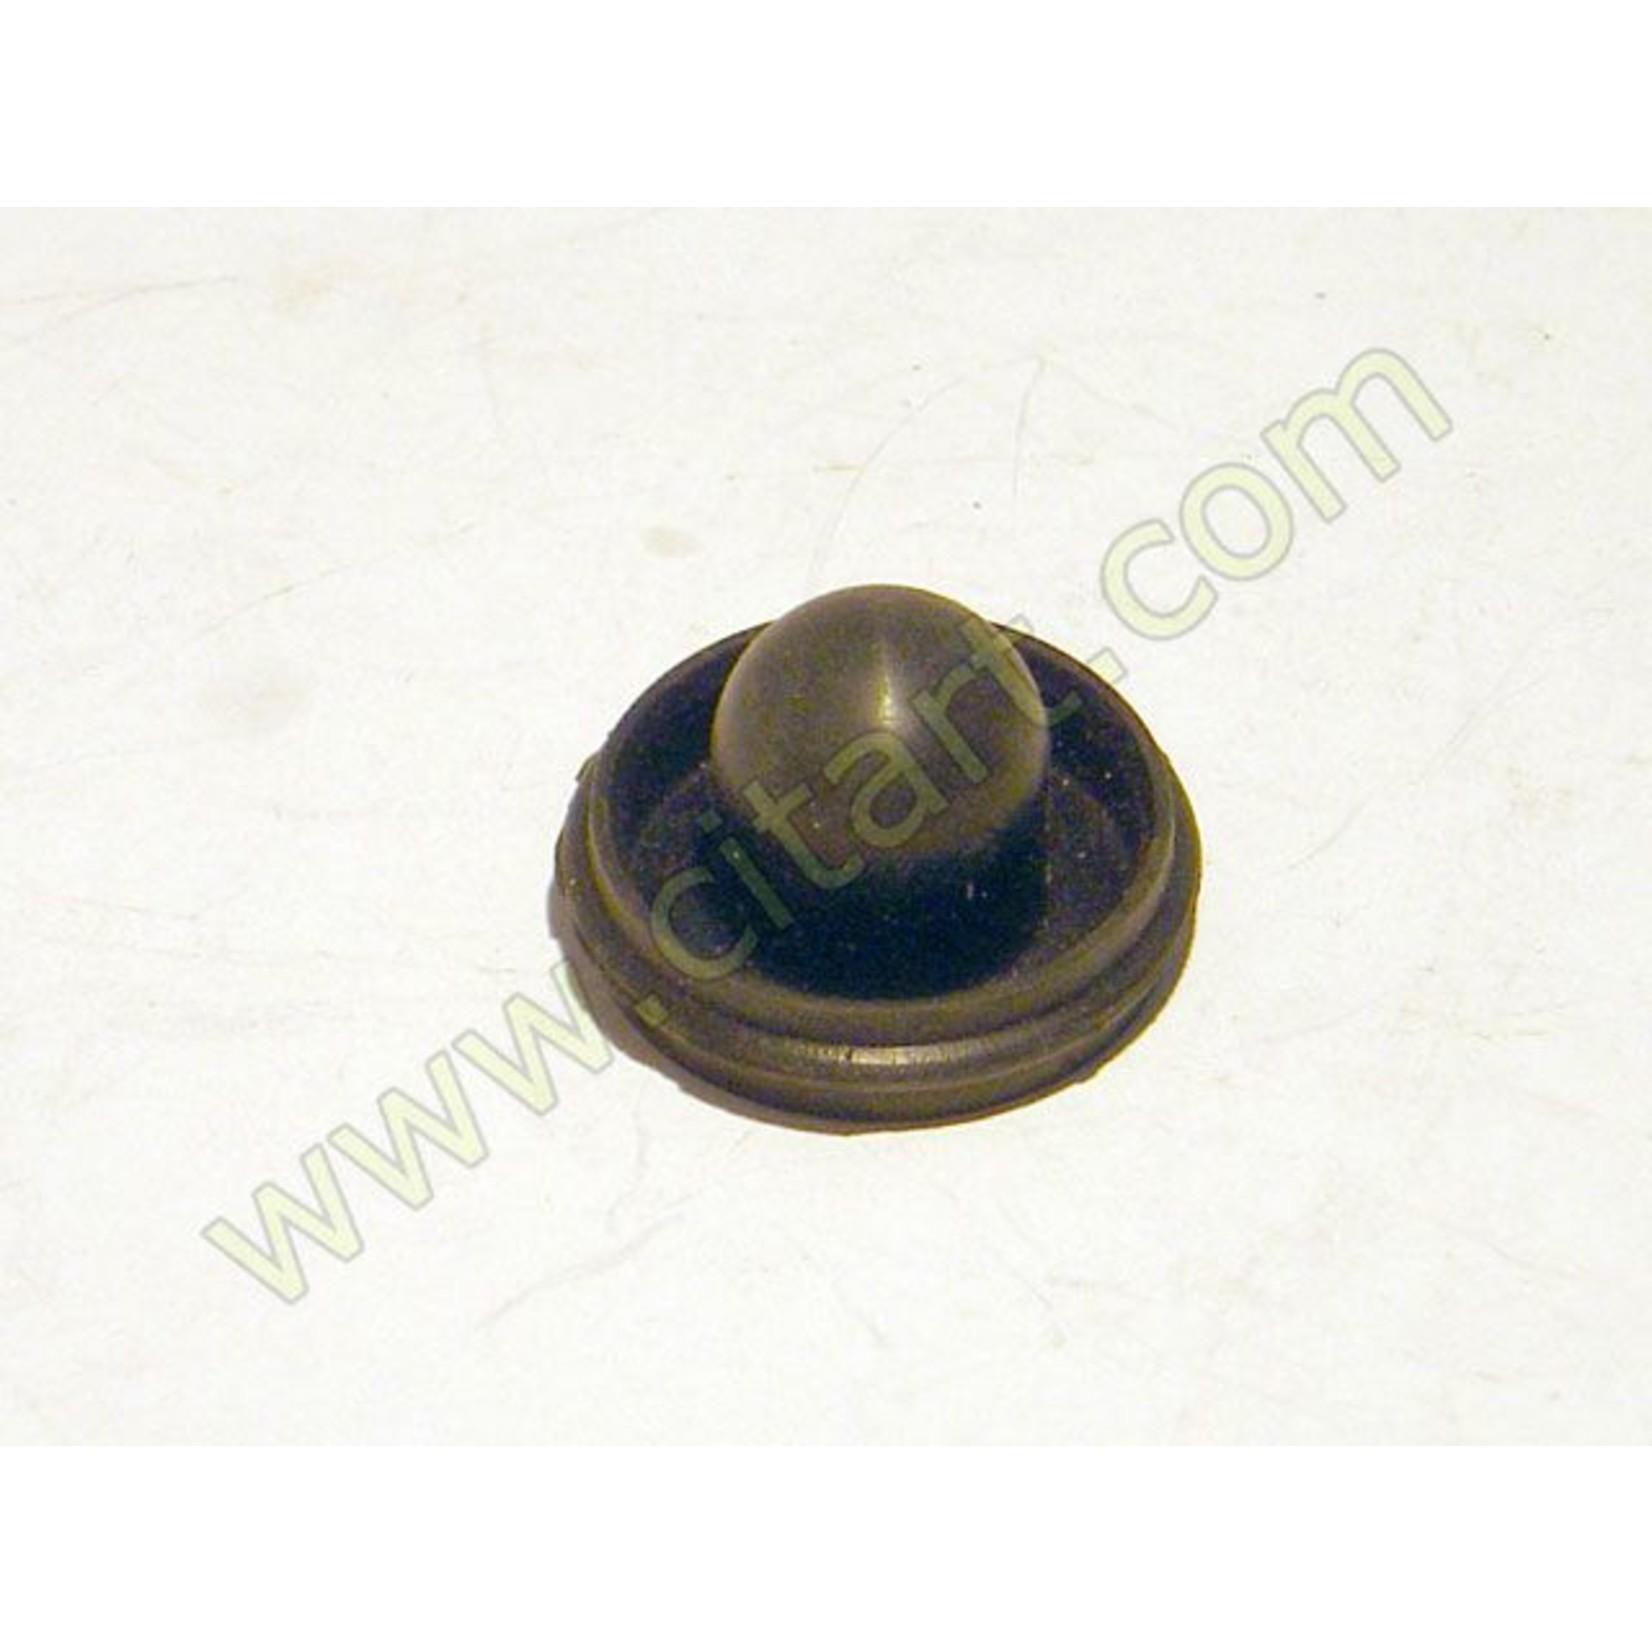 Hoofdremcilinderrubber staal Nr Org: 5435902